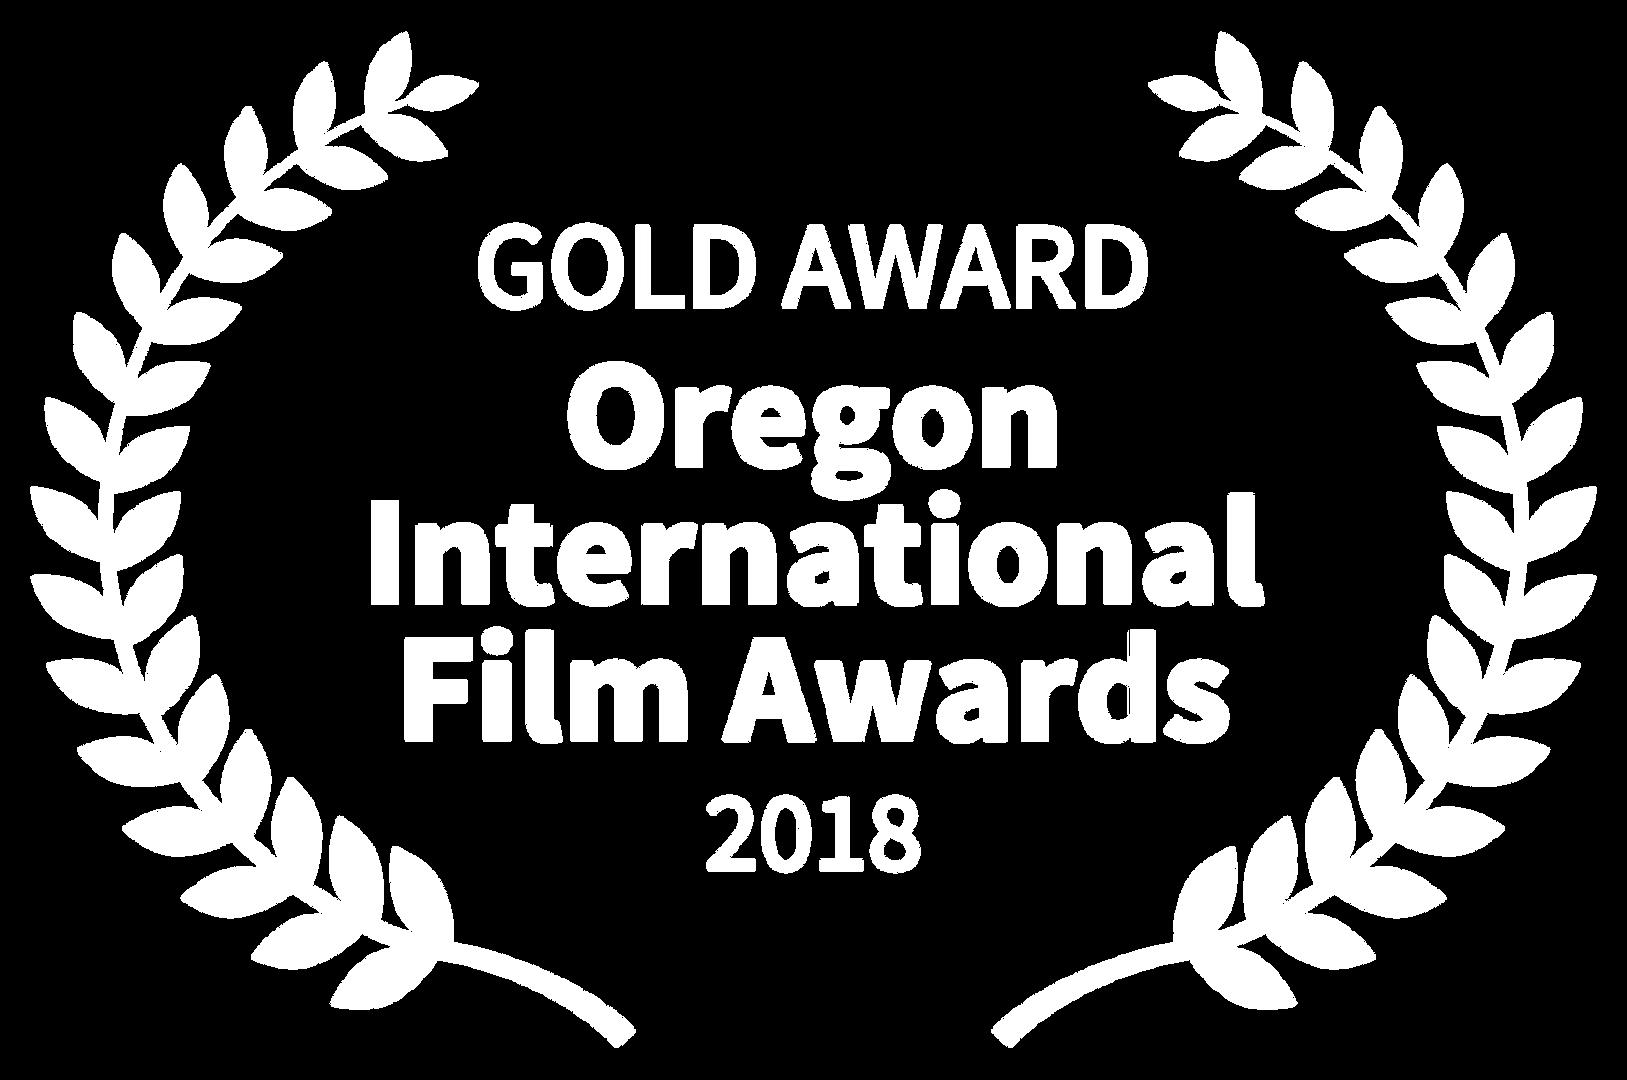 GOLD AWARD - Oregon International Film A